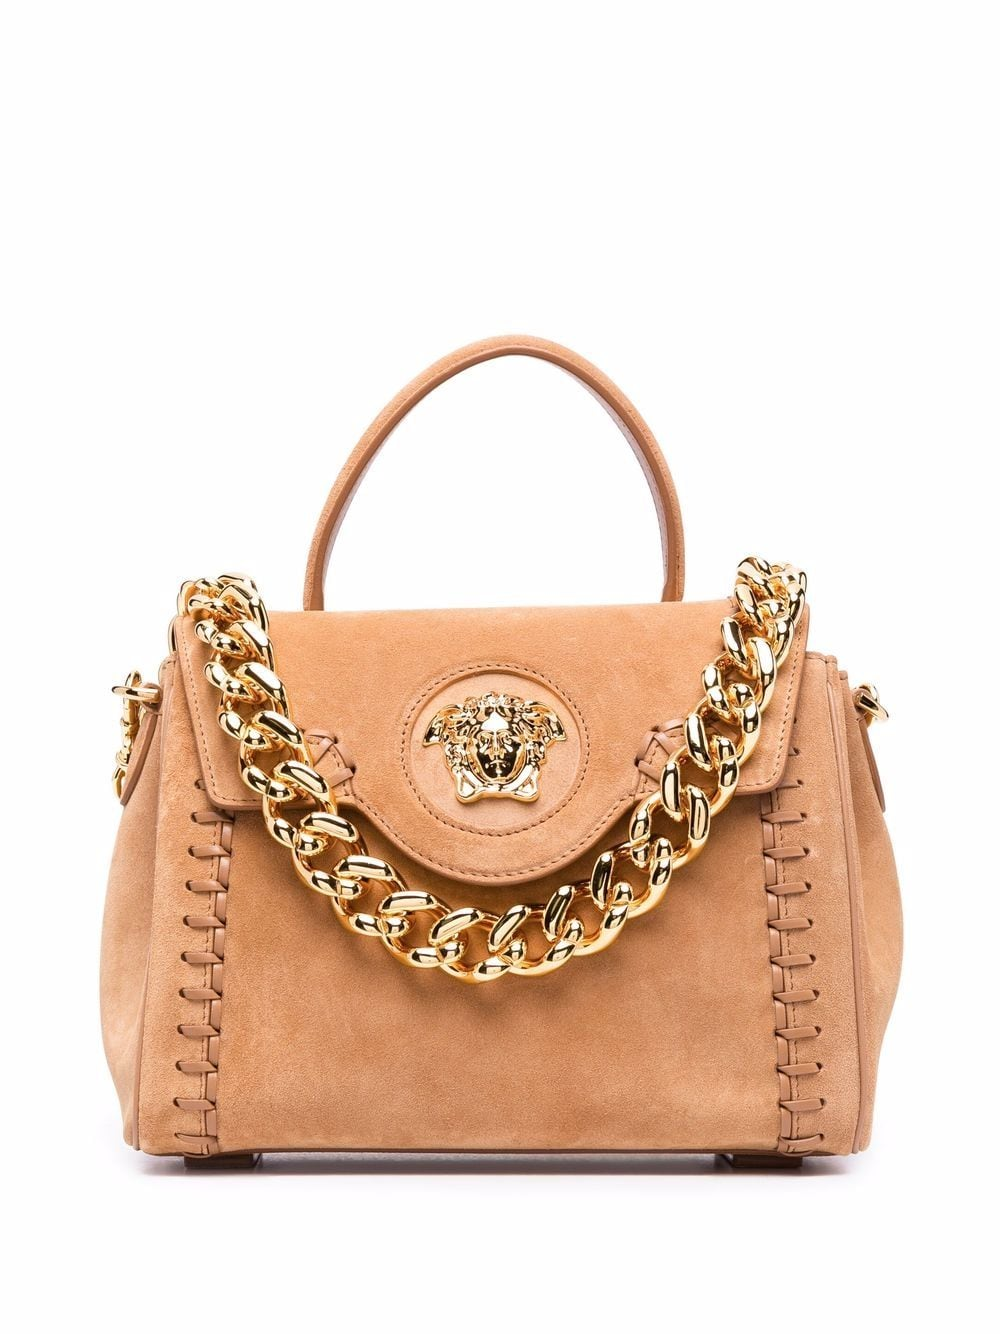 Versace Klassische Handtasche - Braun